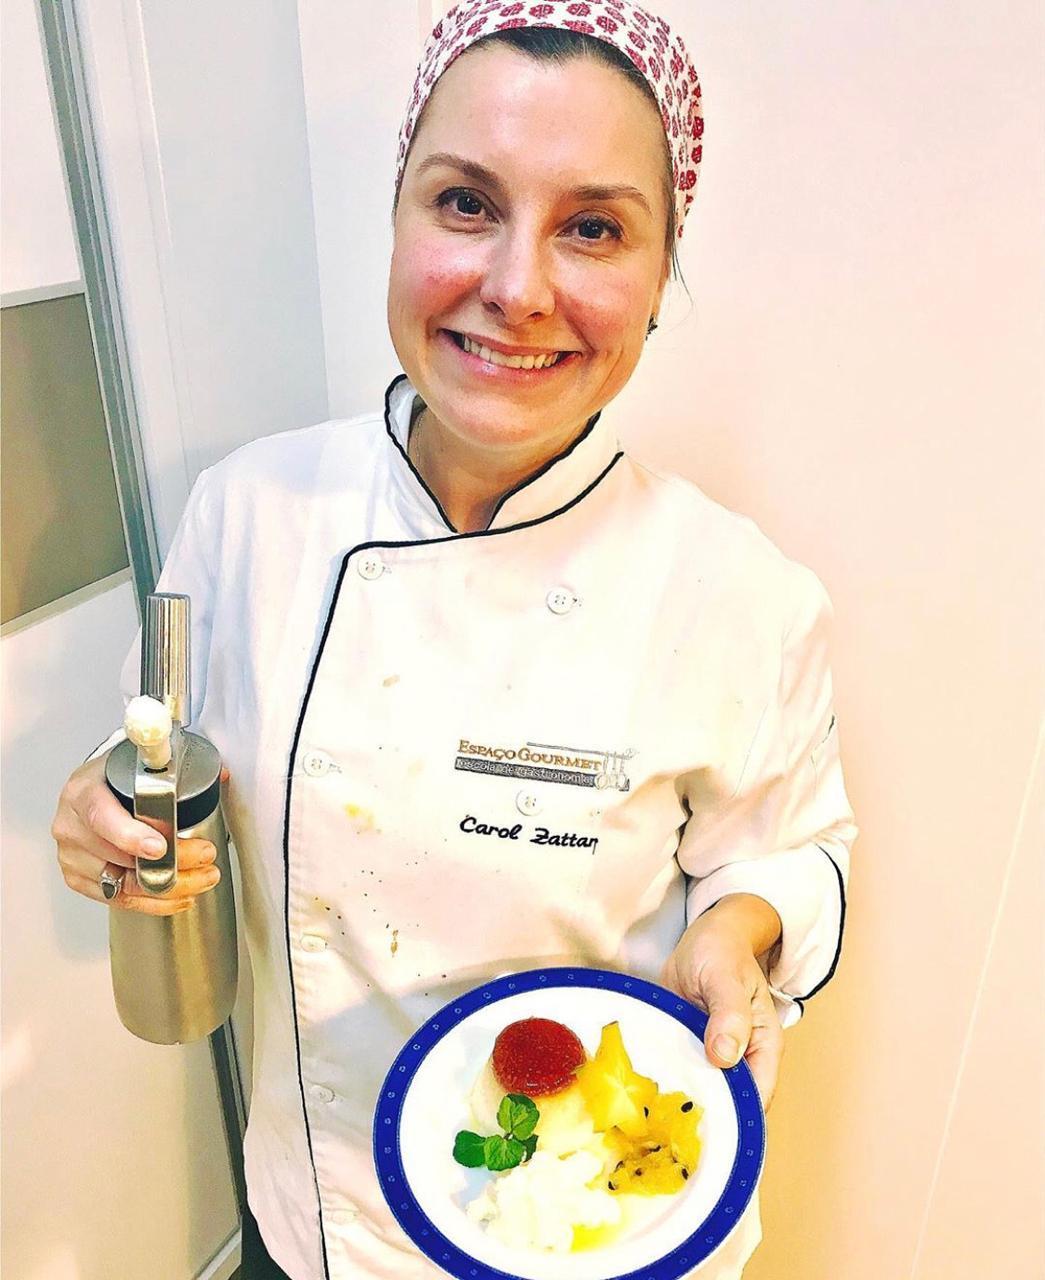 Cozinhar com quem se ama, essa é a proposta do Faz de Conta especial de Dia das Mães